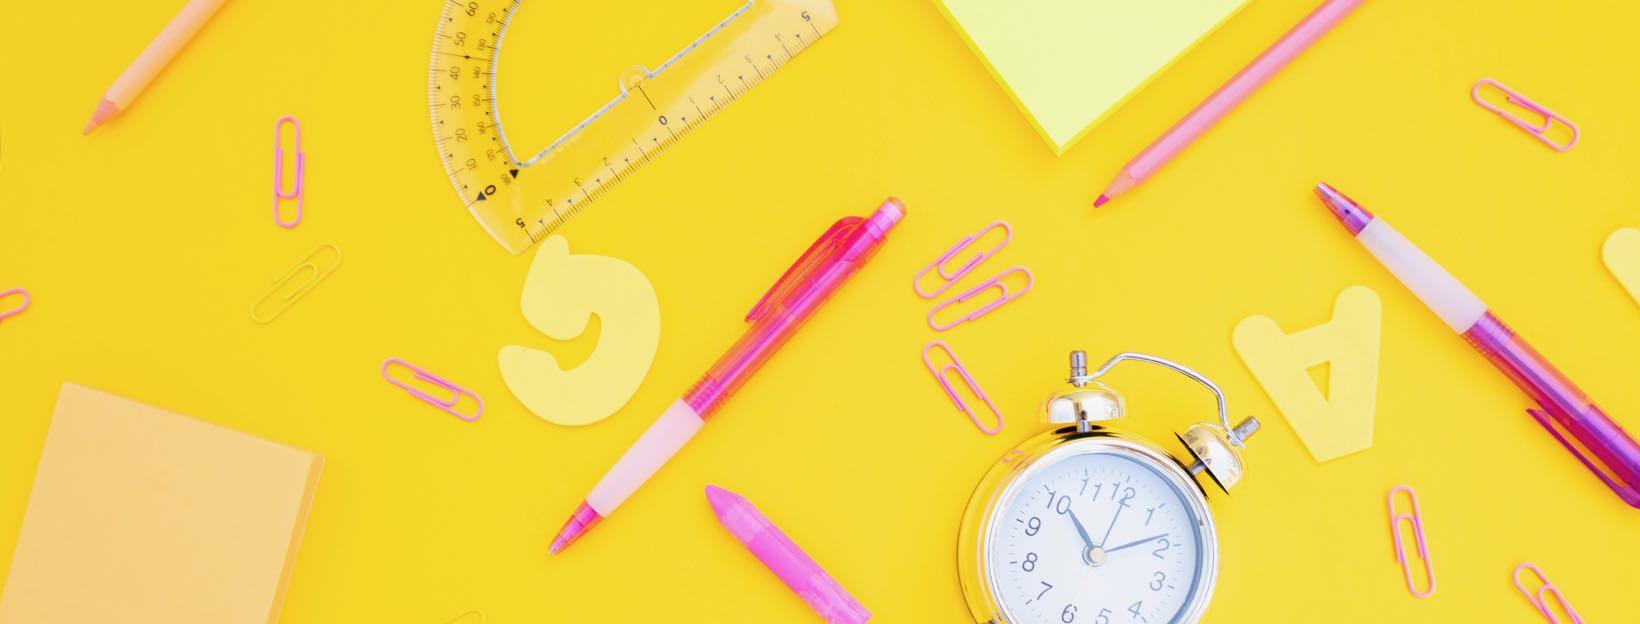 Homeschooling: Schreibutensilien auf gelbem Hintergrund